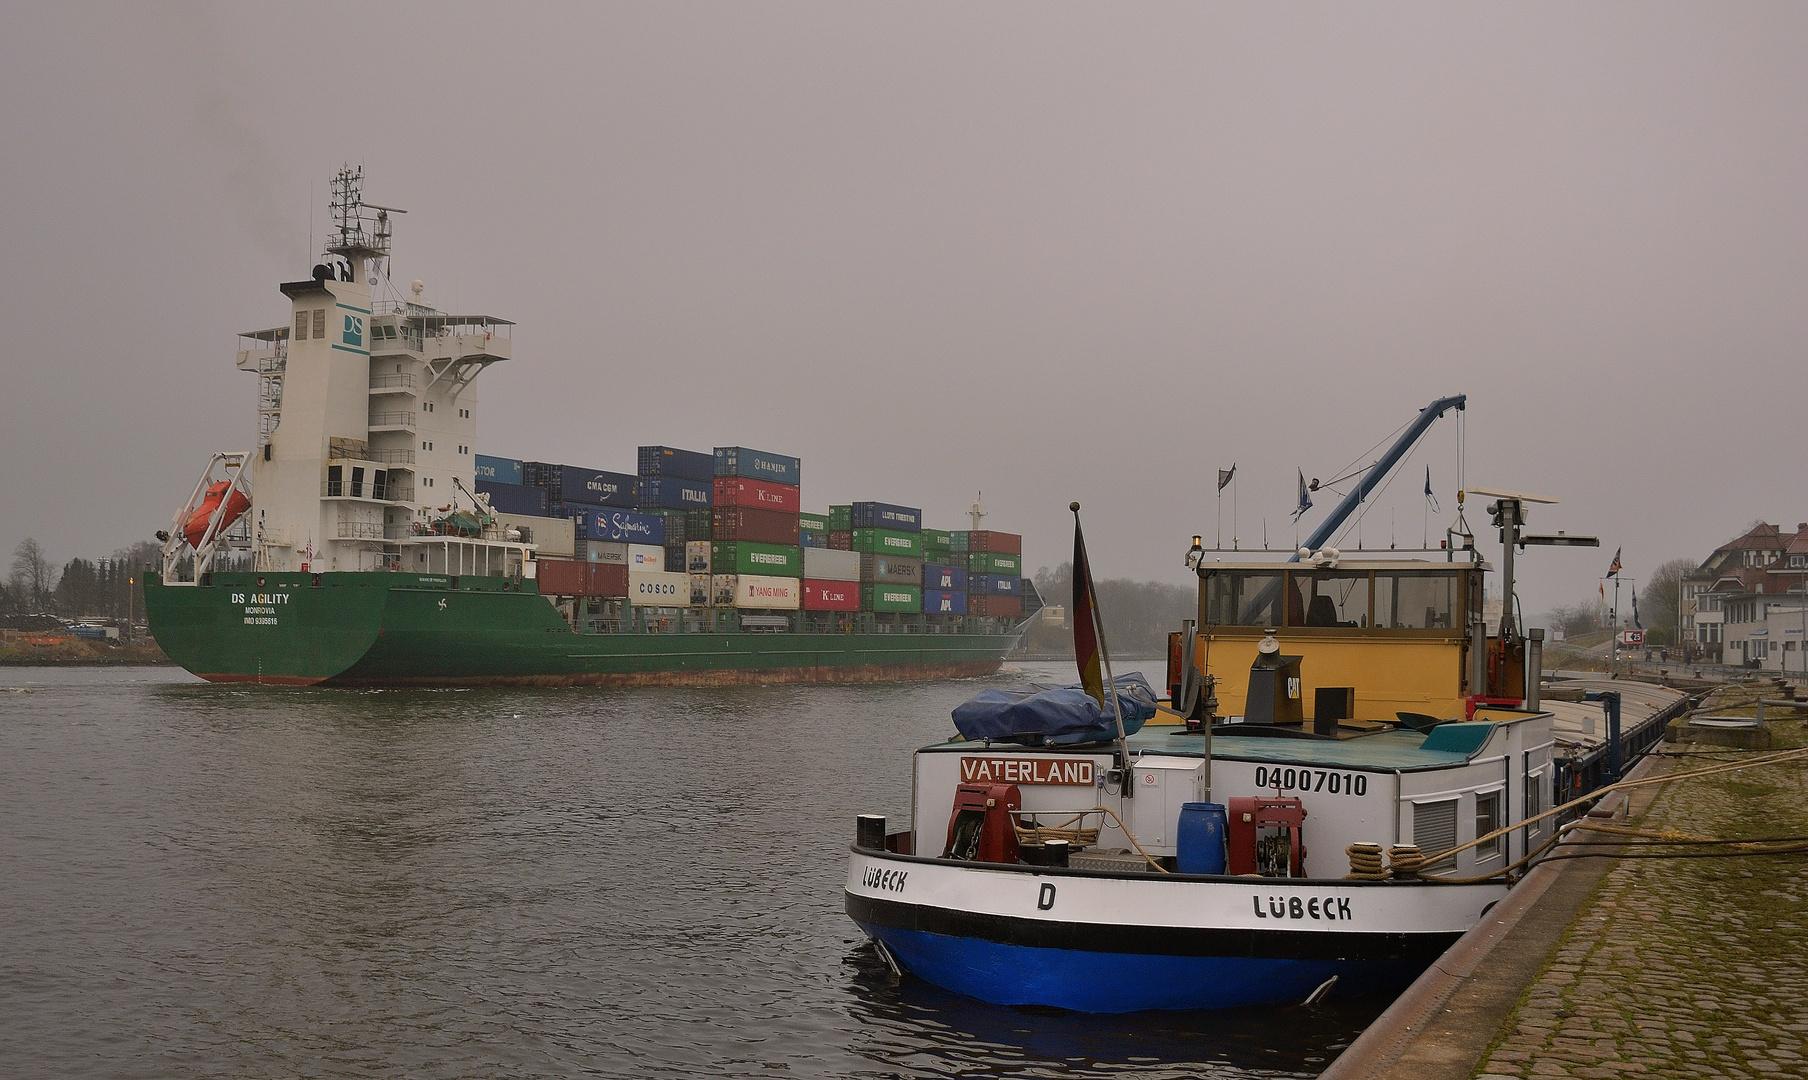 Nur die Schiffe brachten heute ein wenig Farbe an den Tag 2